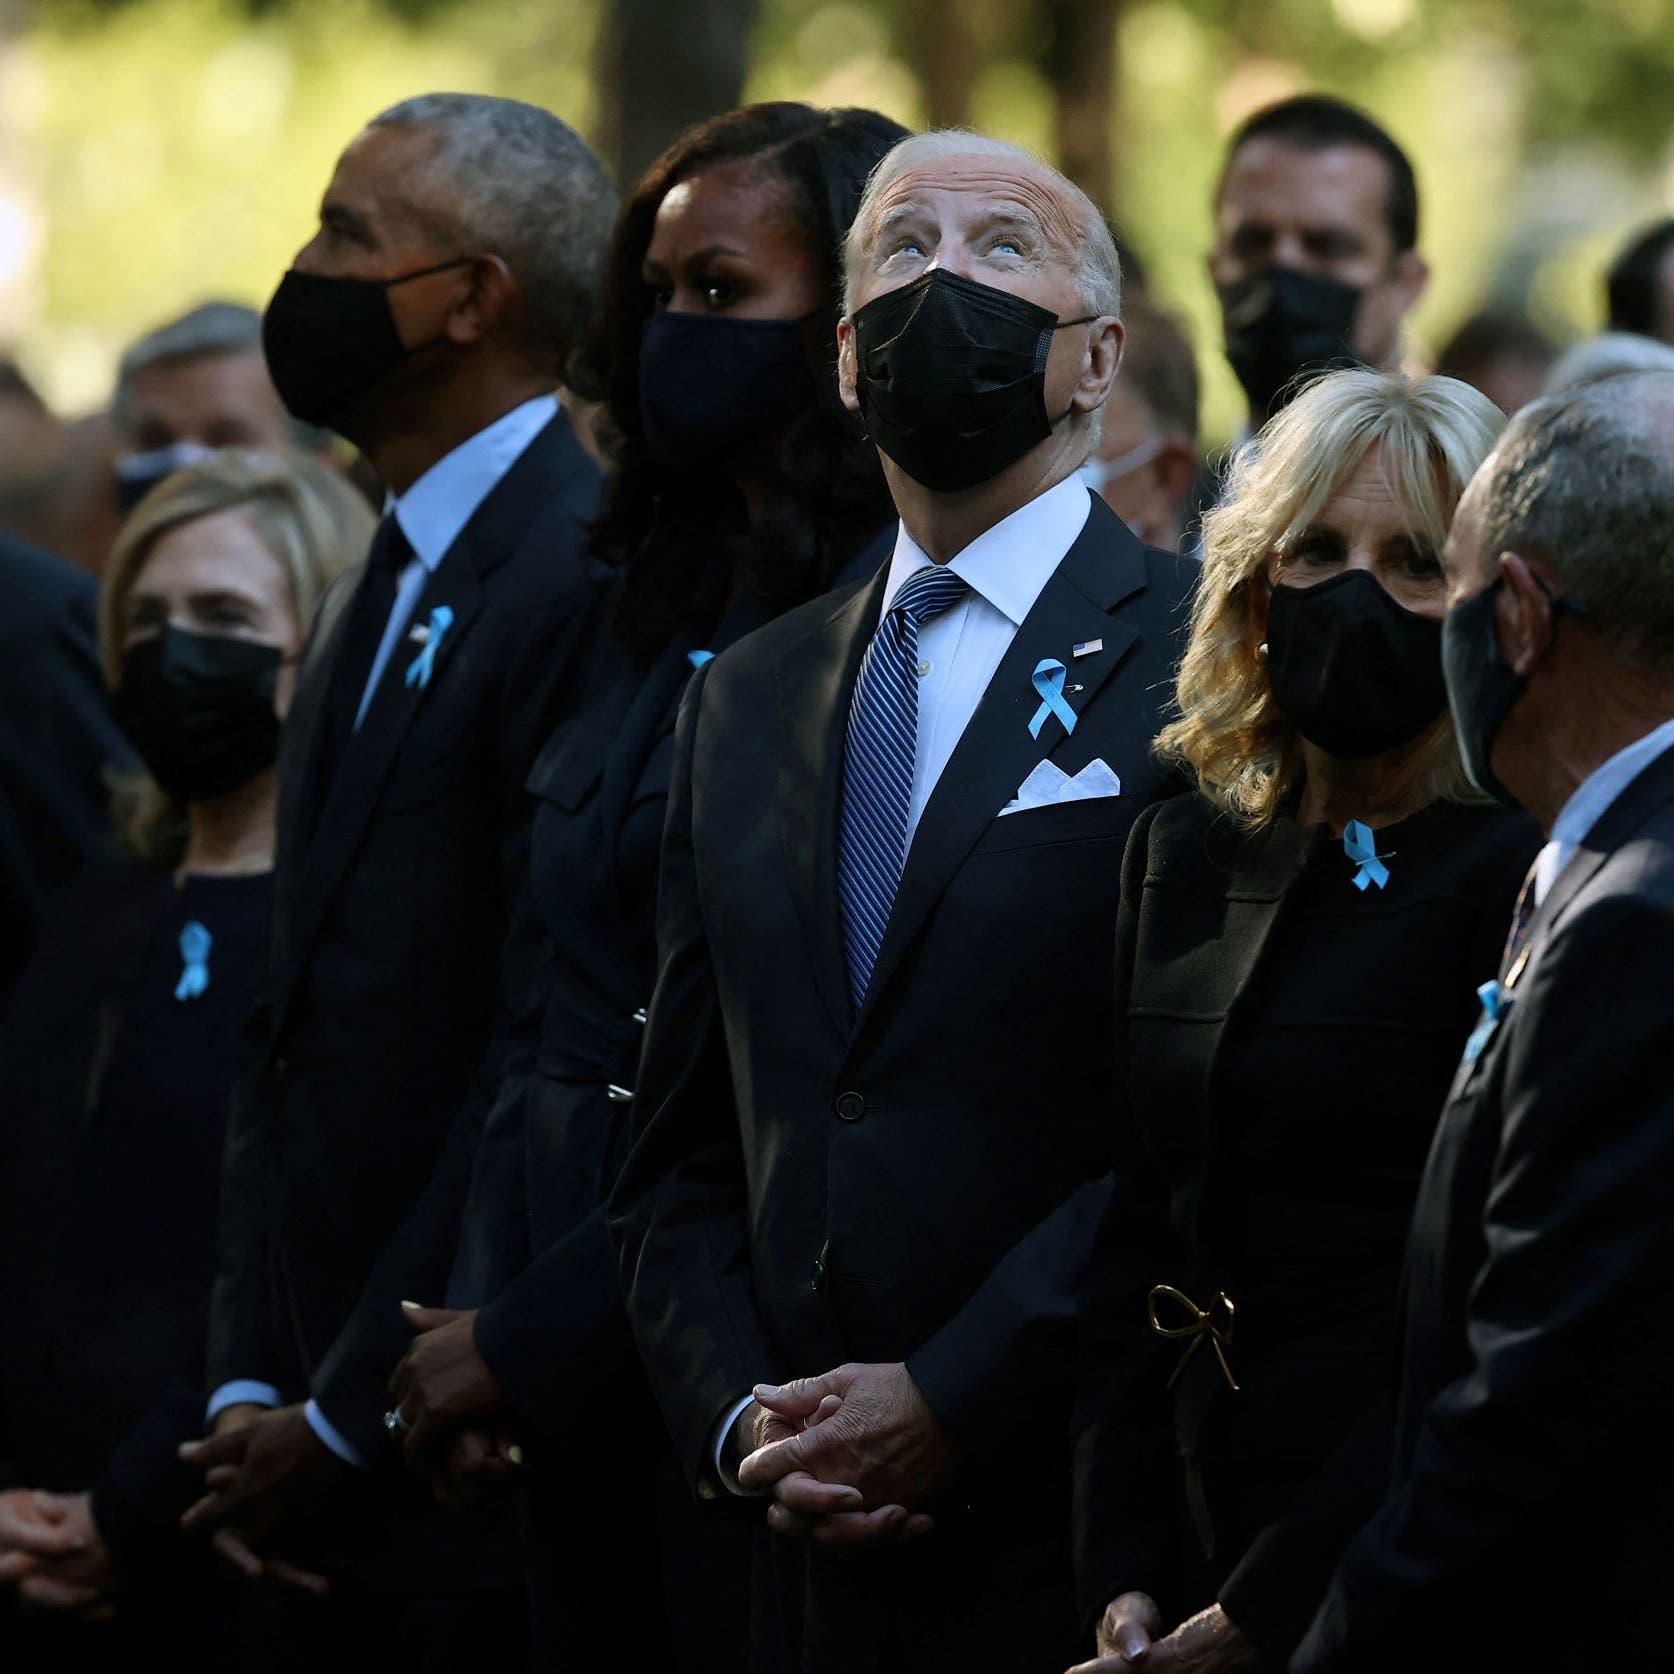 نيويورك.. الرئيس الأميركي يحيي الذكرى الـ20 لهجمات سبتمبر